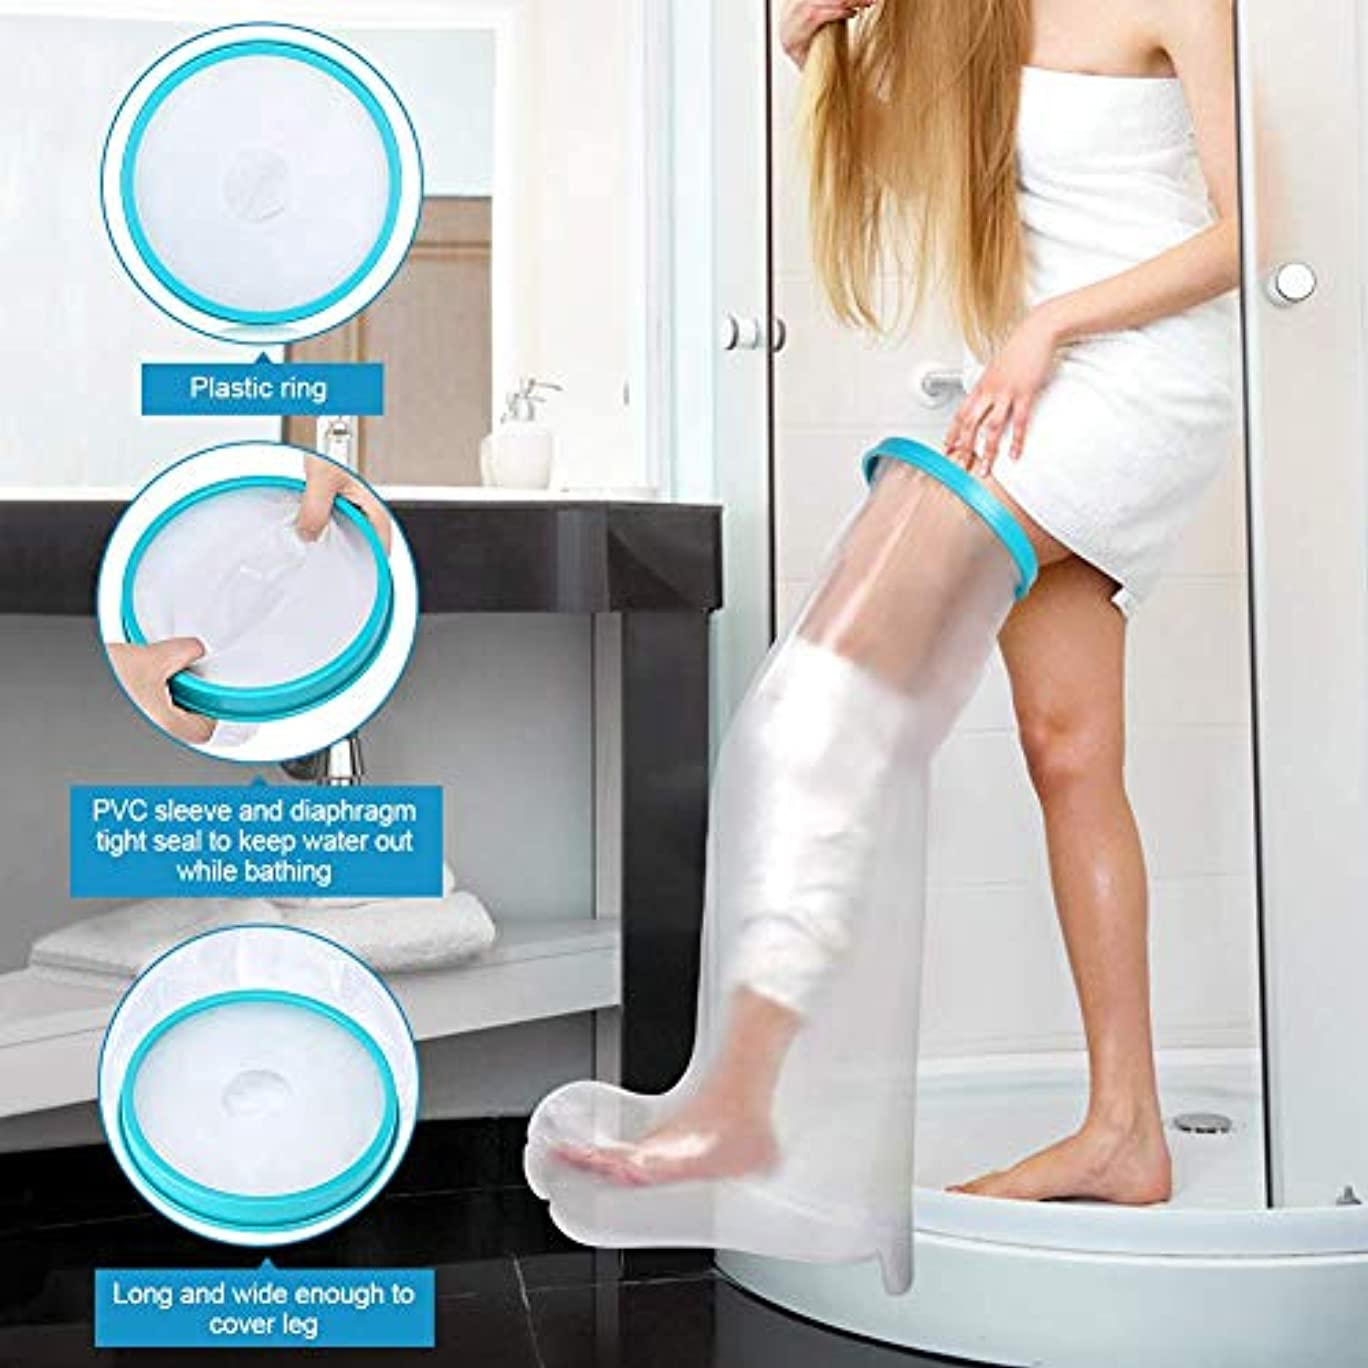 まだマンモス懺悔シャワー、防水シールタイト大人脚キャストとシャワー、お風呂用包帯プロテクターとホット浴槽用脚キャストカバー